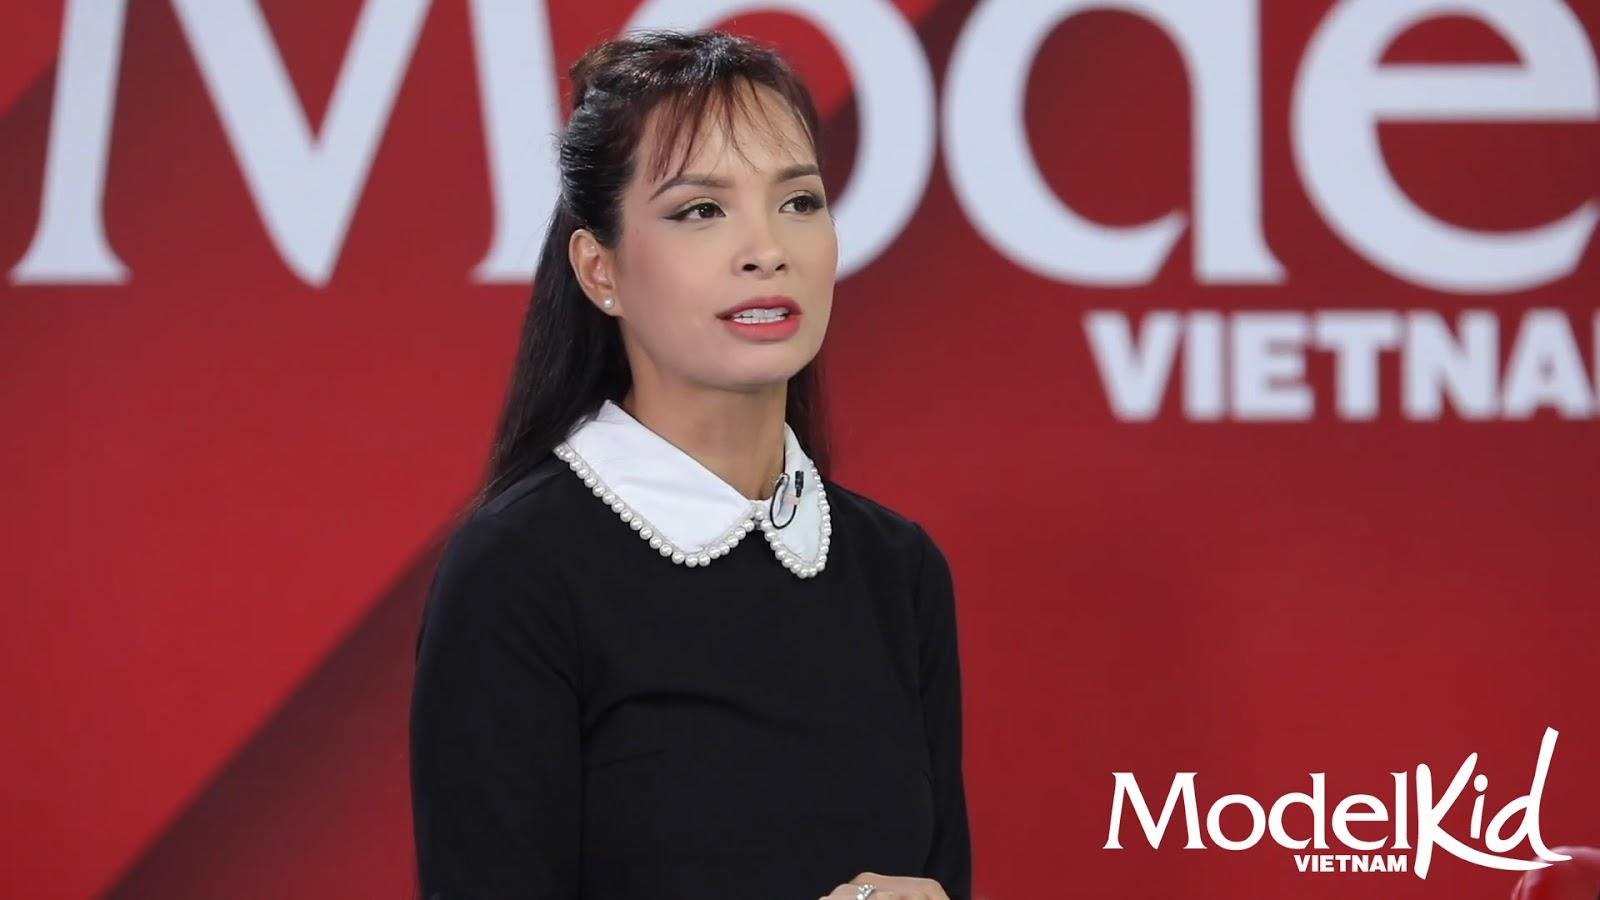 Quang Đại bất ngờ xin rút khỏi ghế HLV, Hương Ly khóc nức nở khi trở thành cô giữ trẻ Model Kid Vietnam - Hình 20